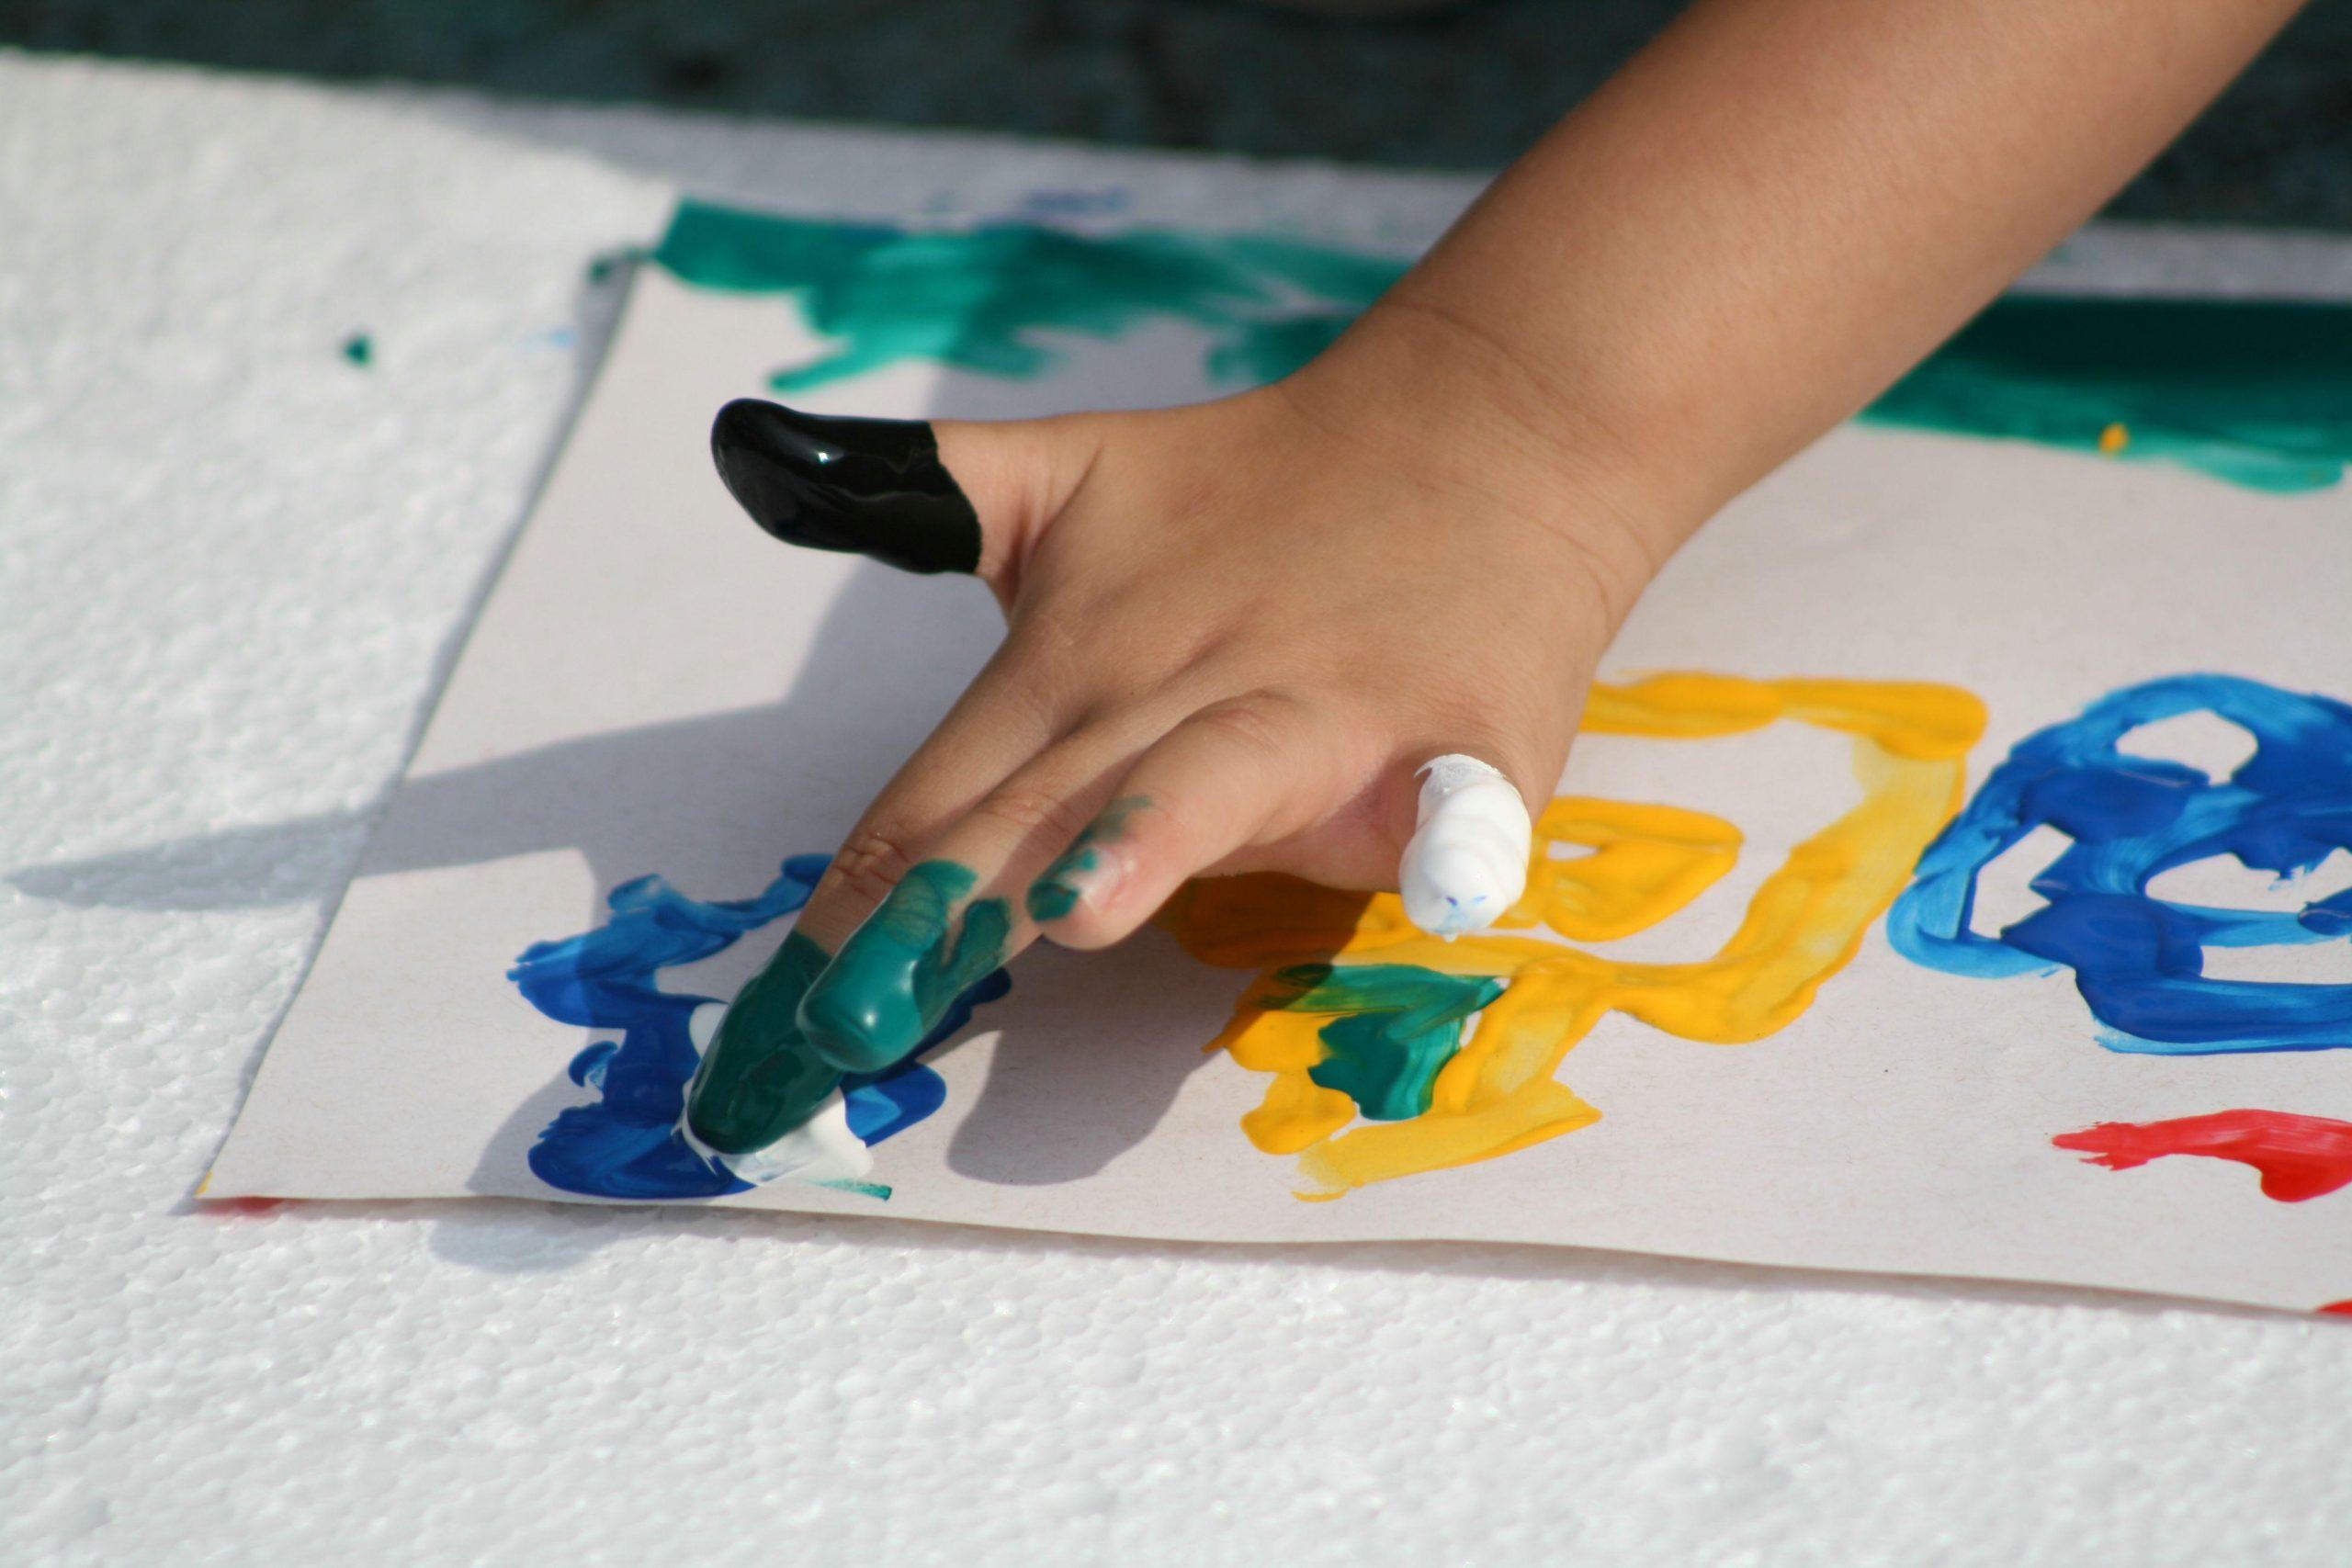 Le Top 10 Des Activités Manuelles Pour Les Enfants tout Activité Manuelle Facile Faire